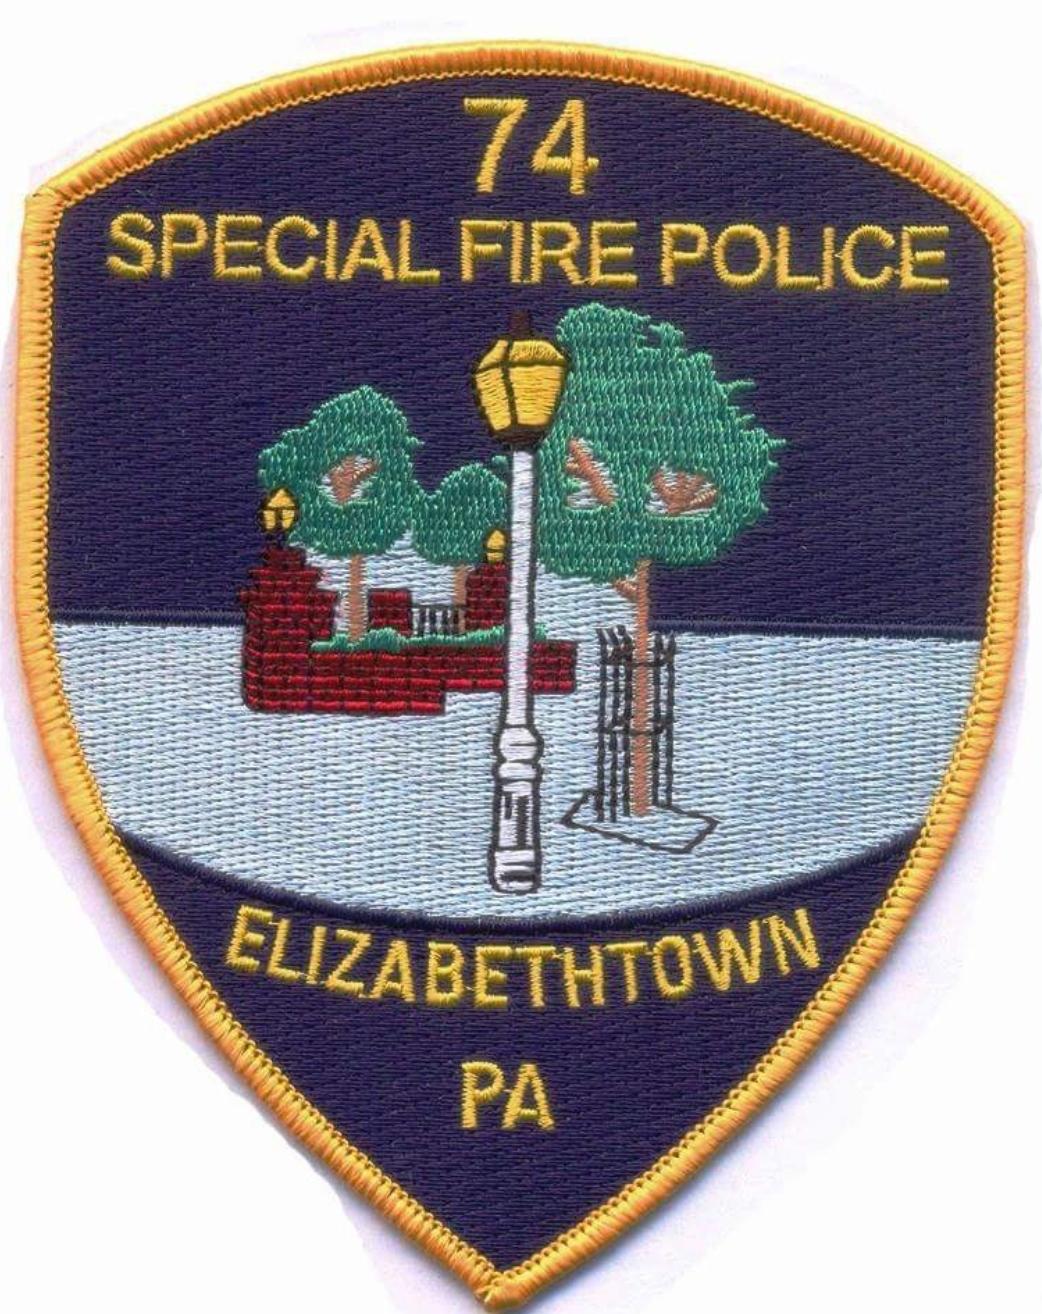 Elizabethtown Fire Police PA